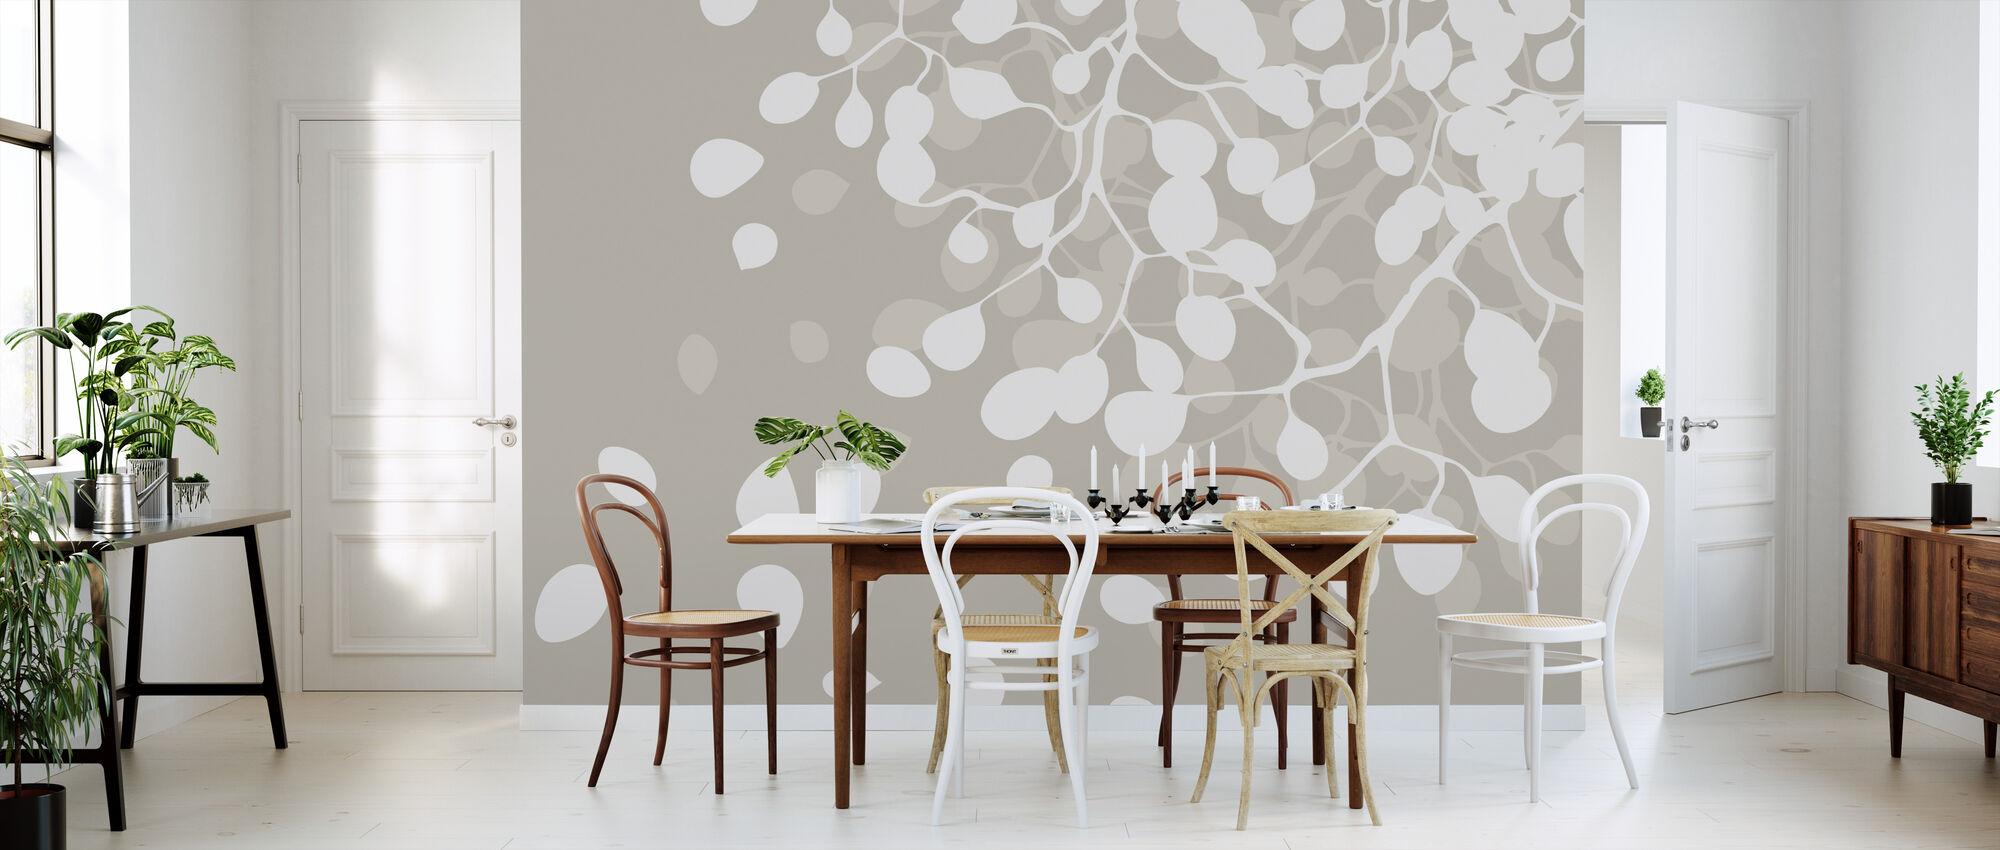 Birch - Snow - Wallpaper - Kitchen